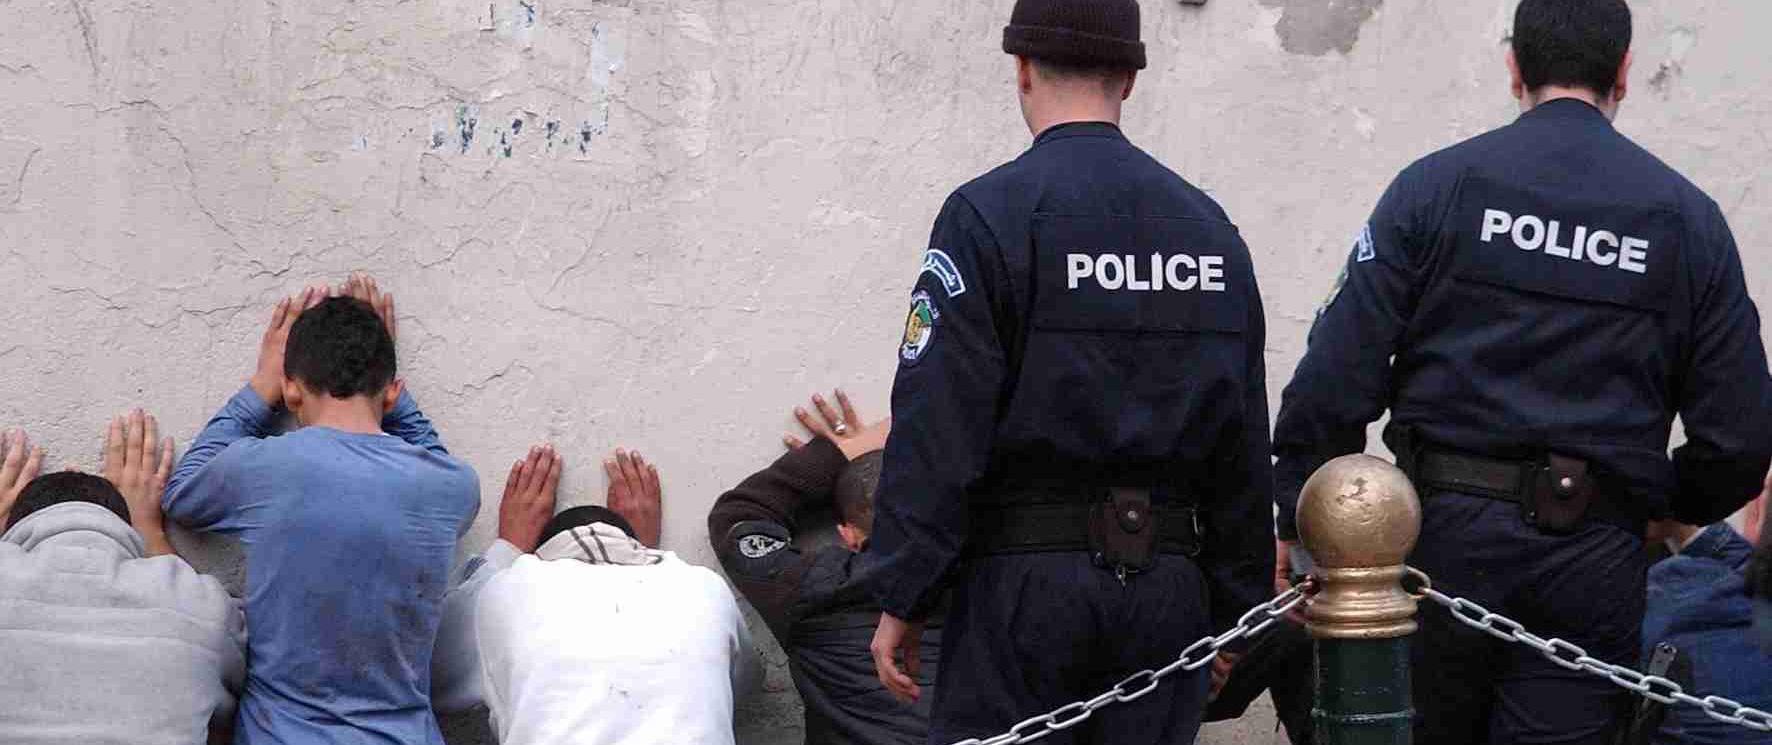 -الجزائر: توقيف عصابة إجرامية استولت على3.7 مليار